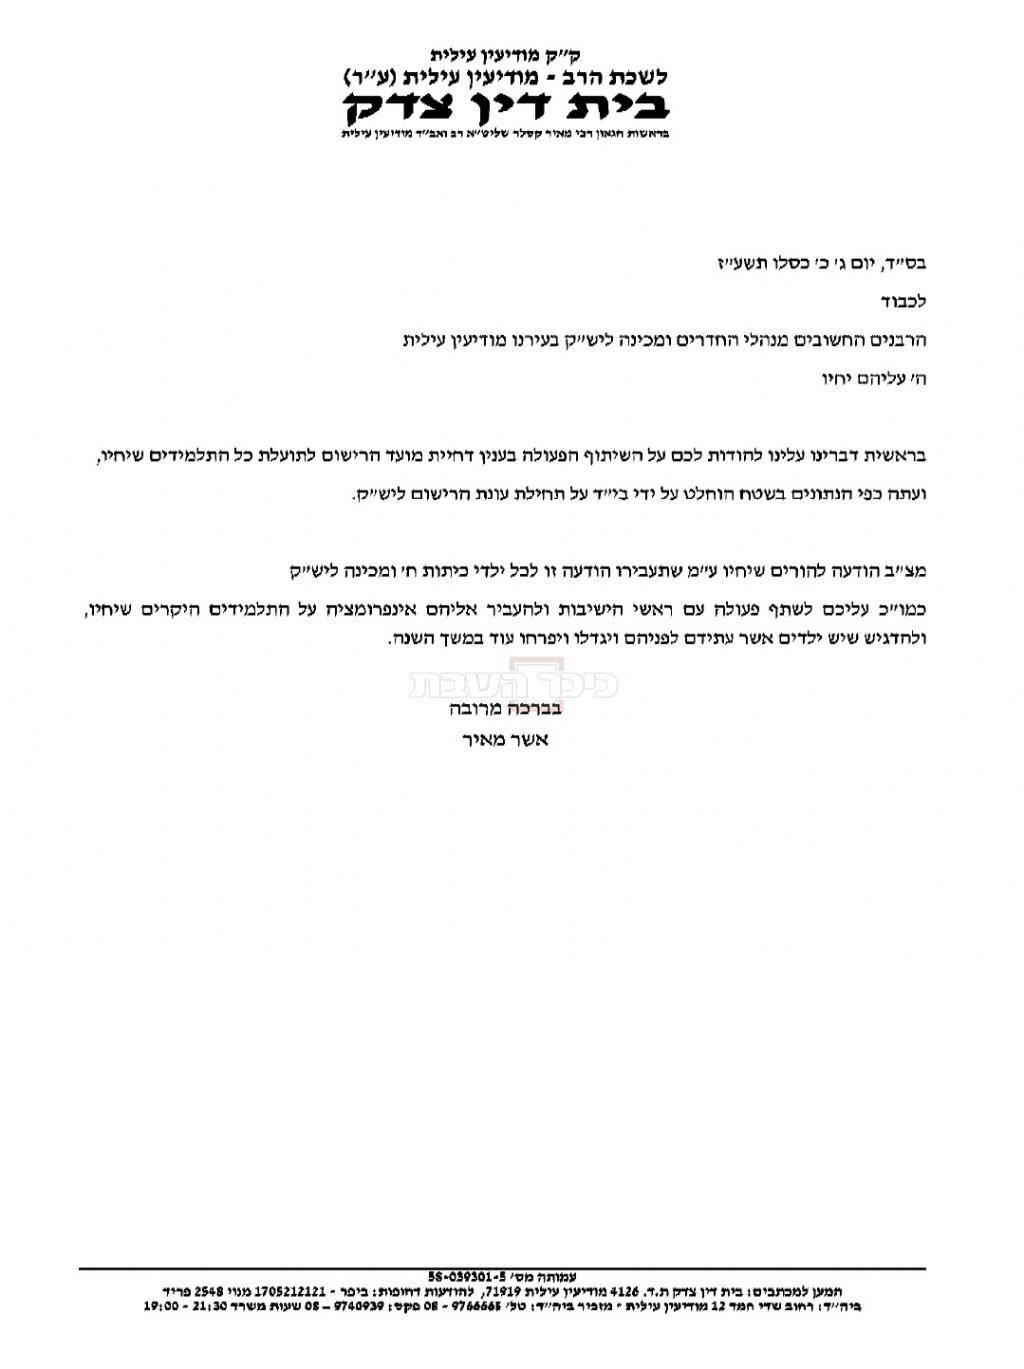 מכתב בית הדין למנהלים